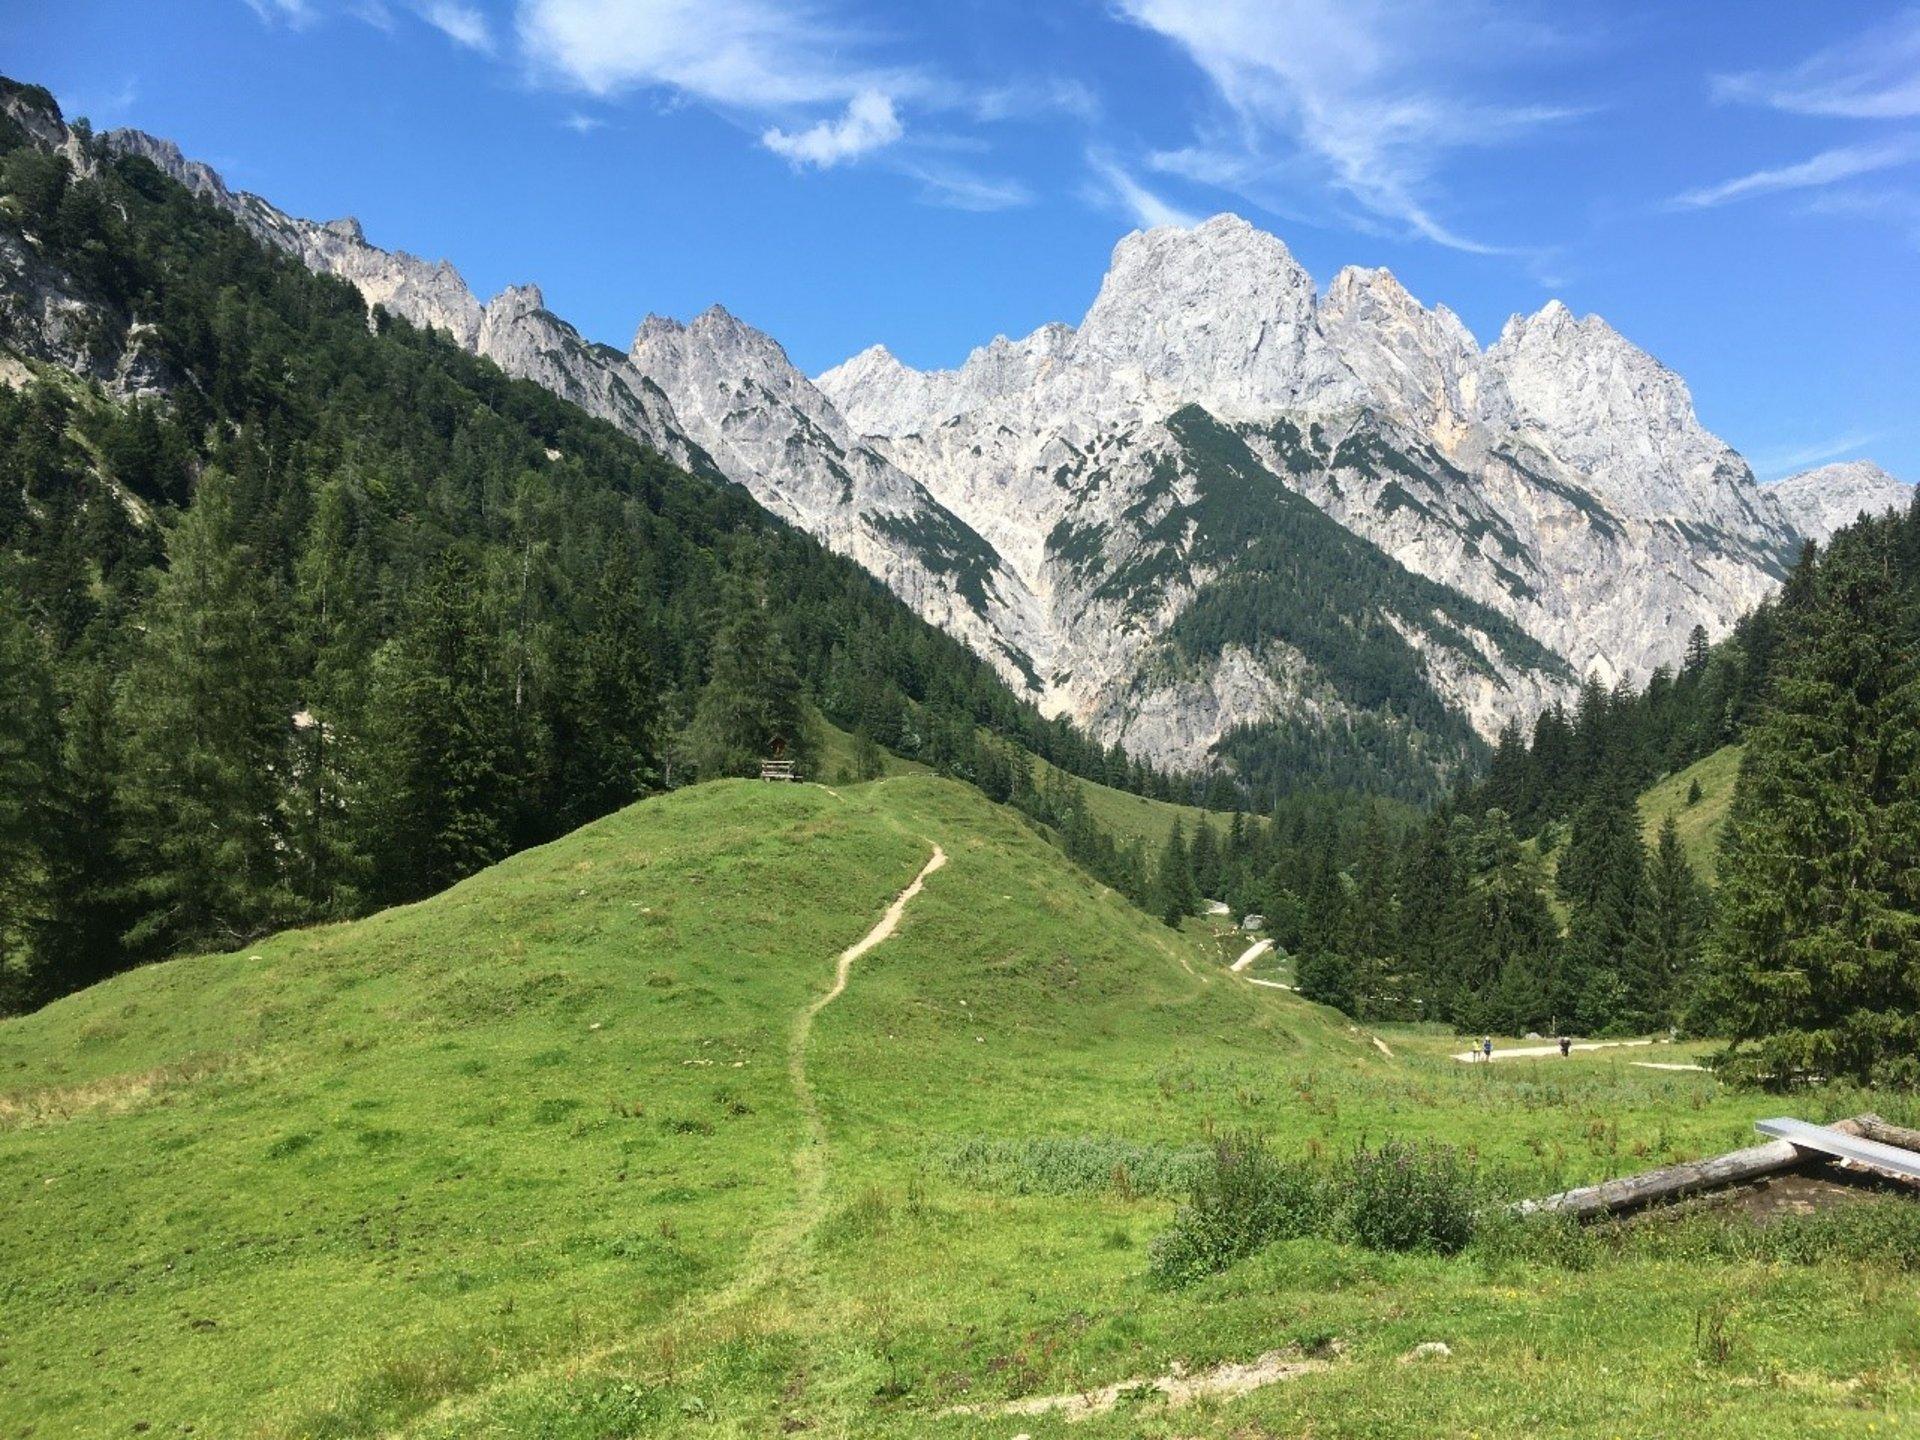 Blick in ein beeindruckendes Alpen-Panorama